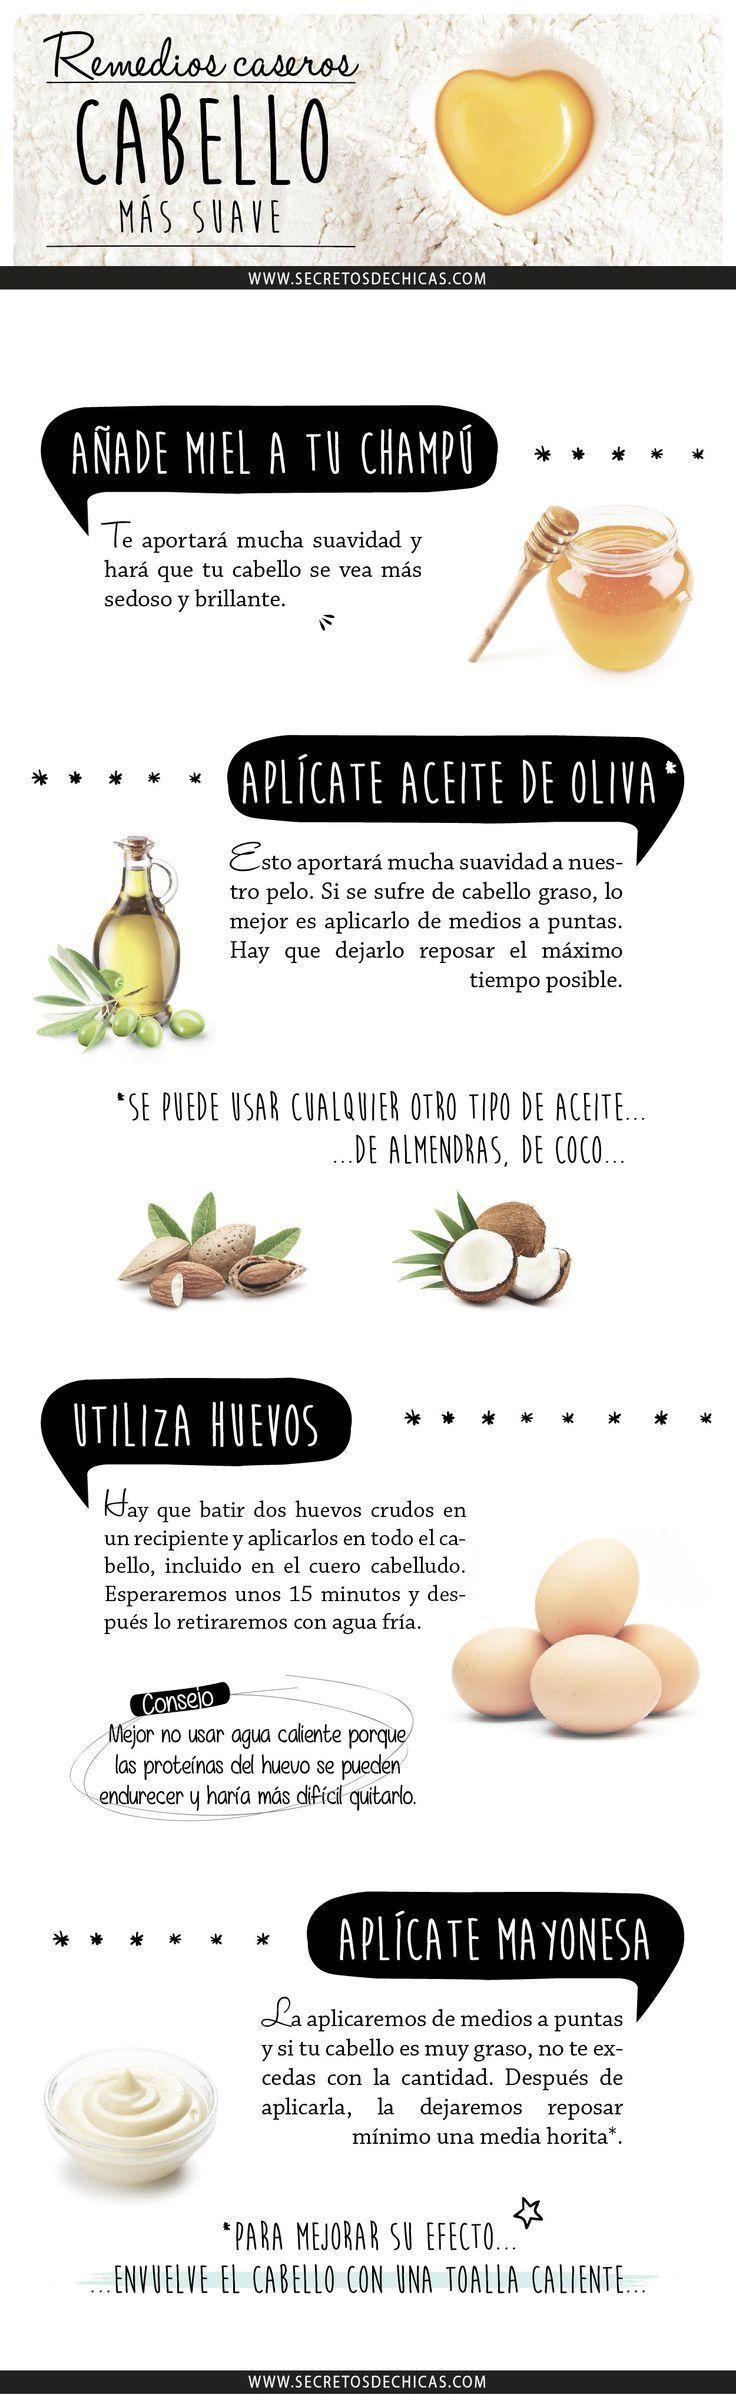 Remedios caseros para lograr un cabello más suave. #remedios #infografia #cabello